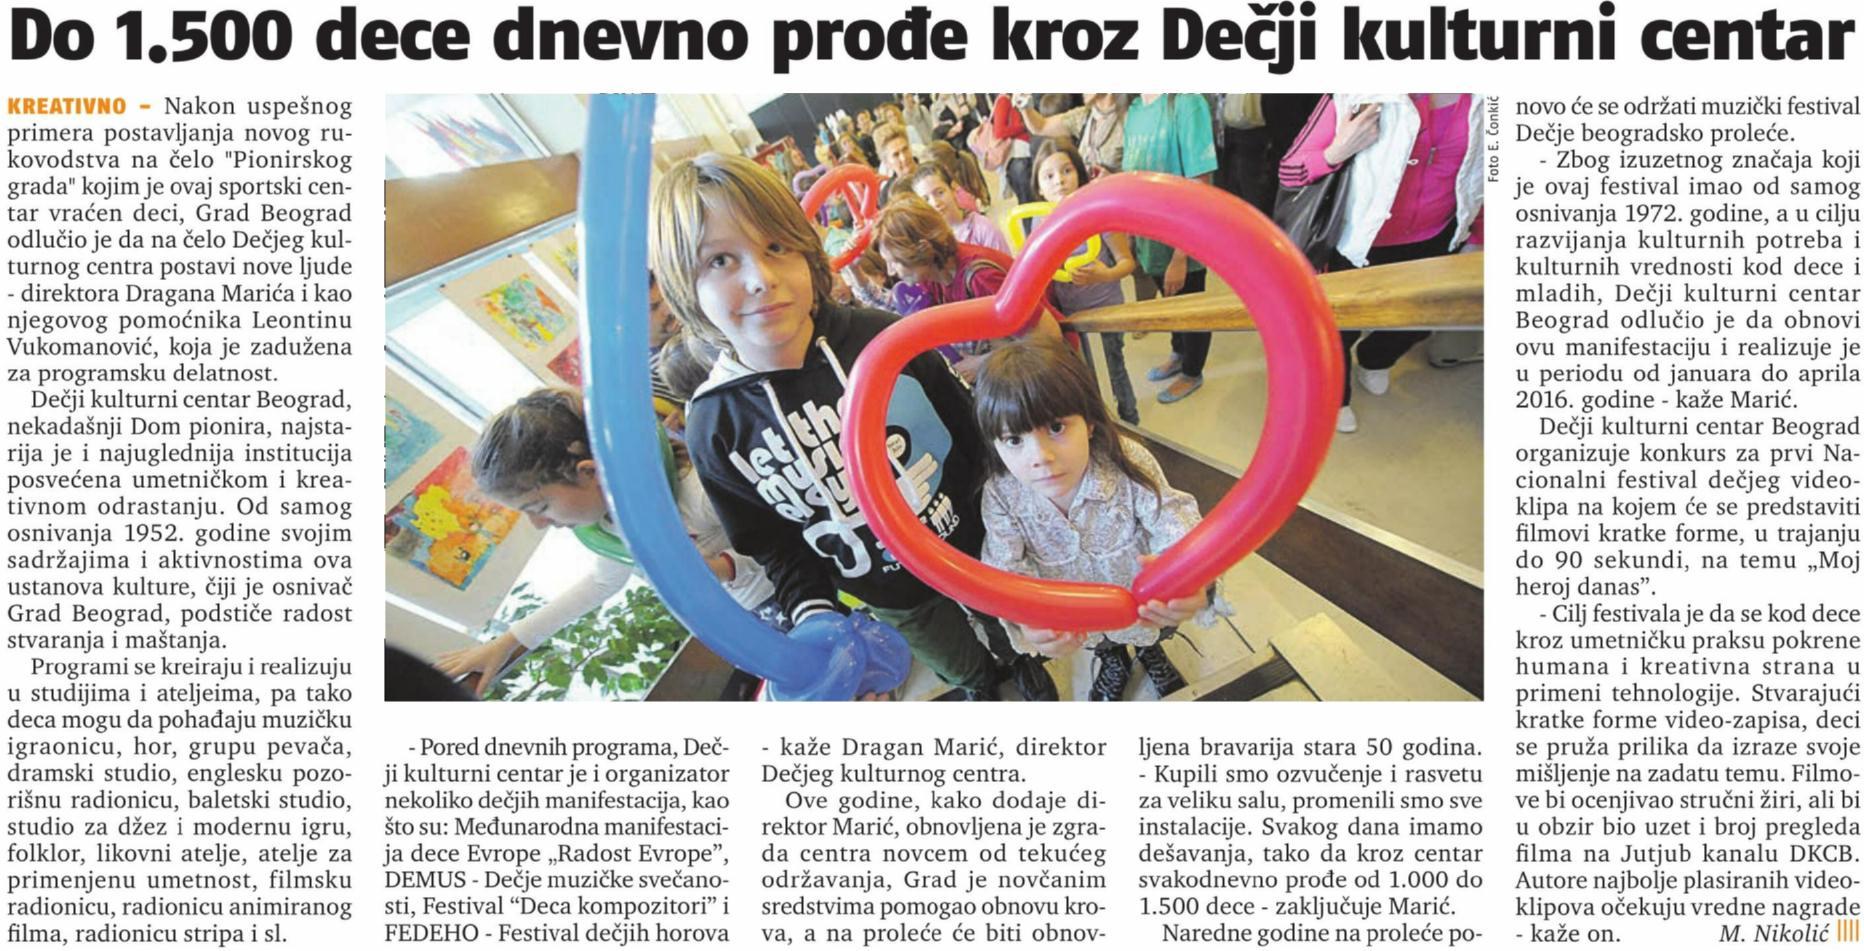 20151214 24 sata - Do 1500 dece dnevno prodje kroz DKCB